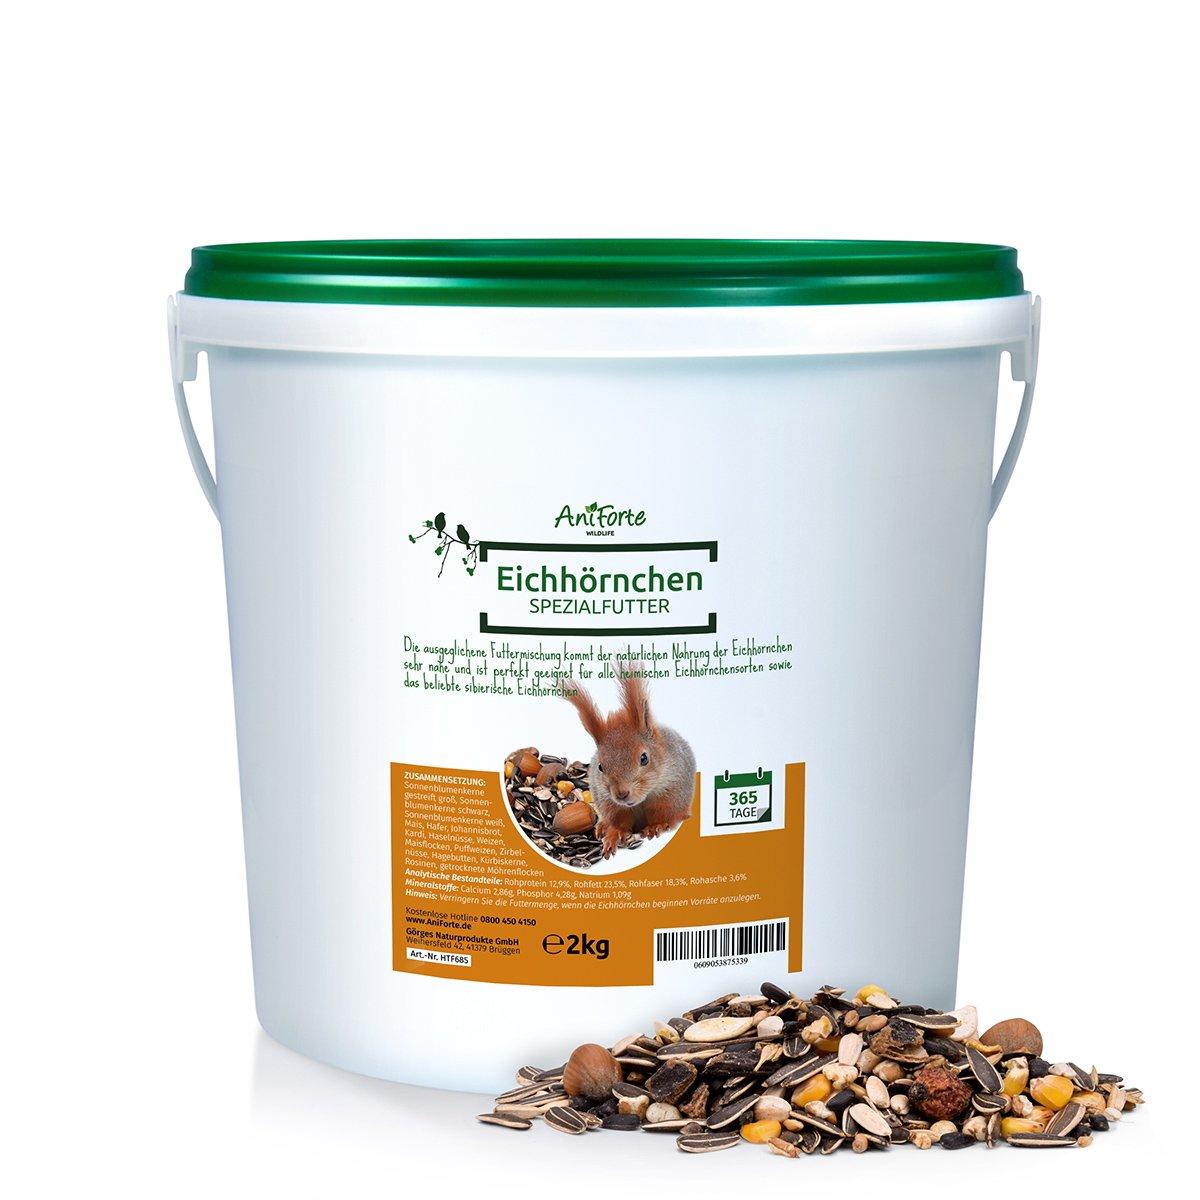 AniForte Wildlife Premium Eichhörnchenfutter 2 kg für Eichhörnchen und Streifenhörnchen - Naturprodukt Mischung, besondere und artgerechte Eichhörnchen Fütterung - Unsere Spezial Futtermischung Görges Naturprodukte GmbH